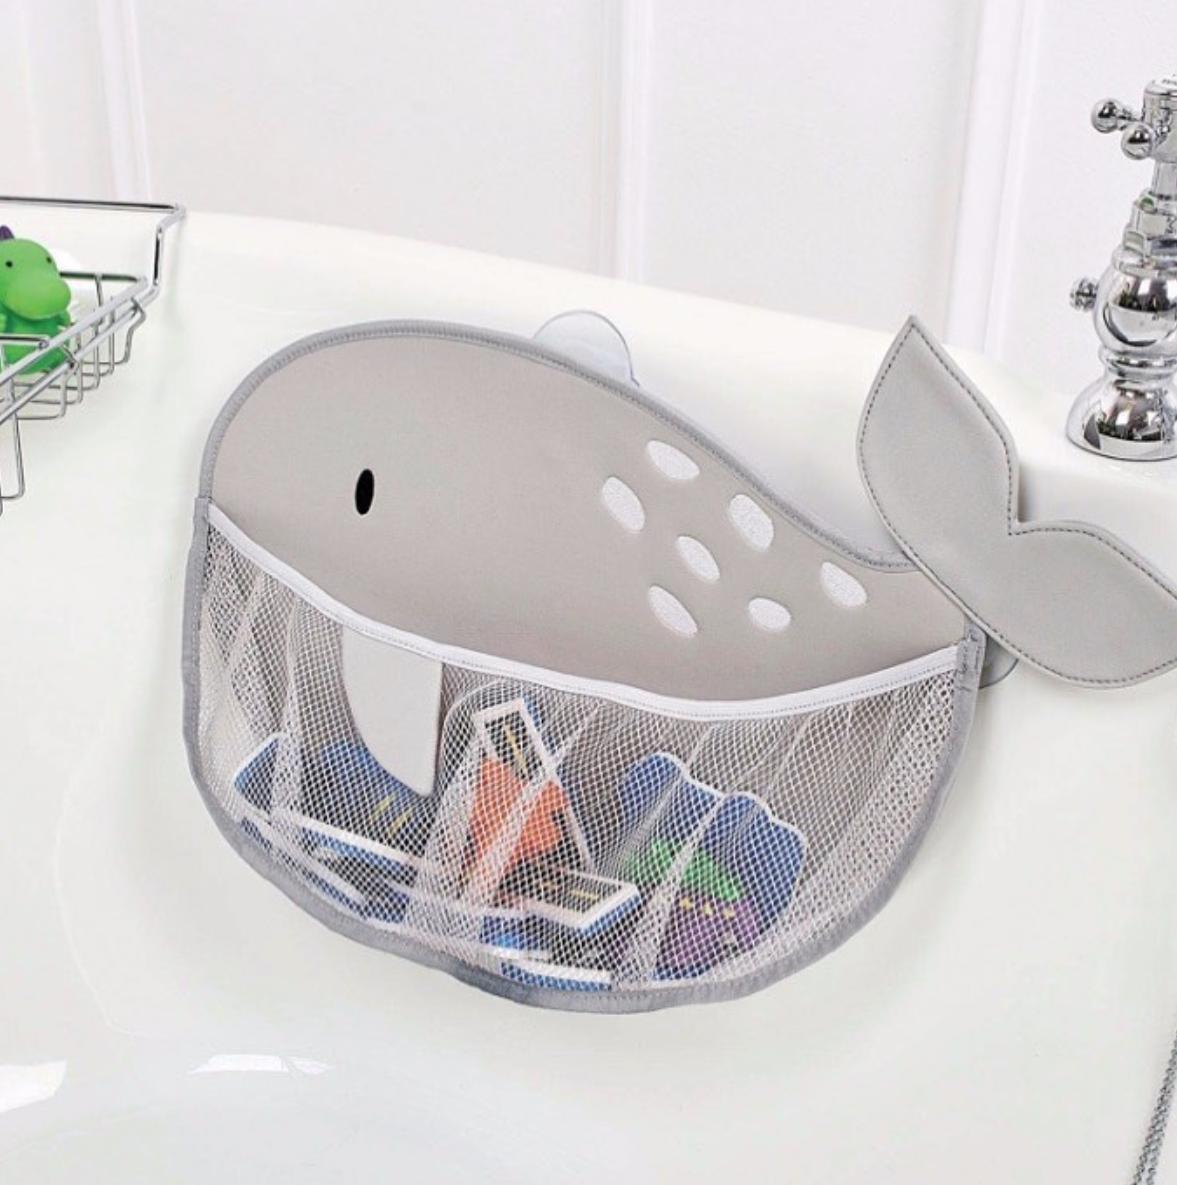 Mesh bath toy bag shaped like a whale